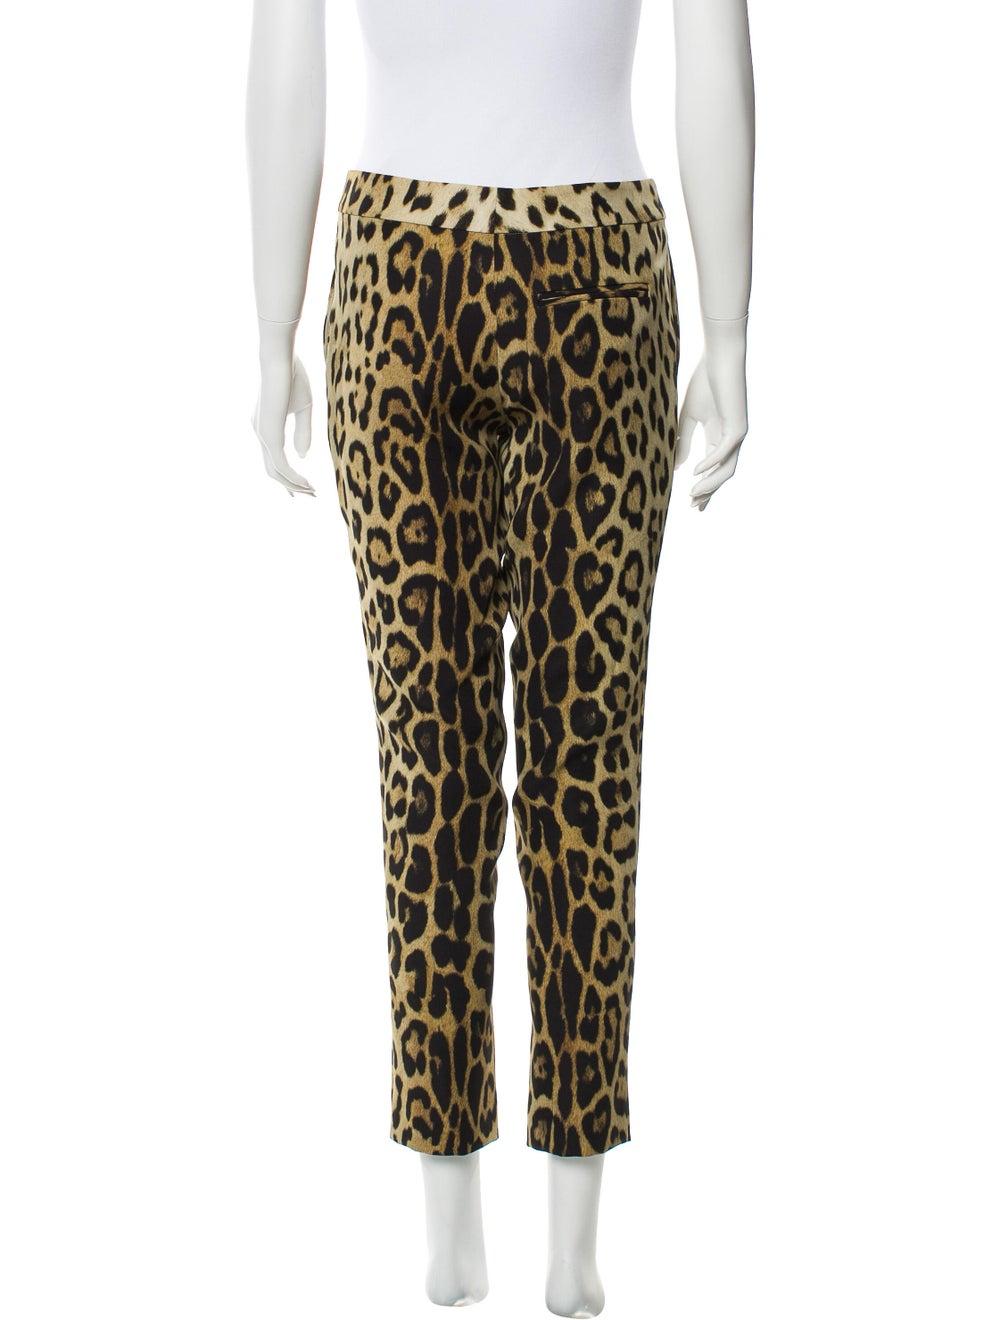 Moschino Animal Print Skinny Leg Pants Brown - image 3